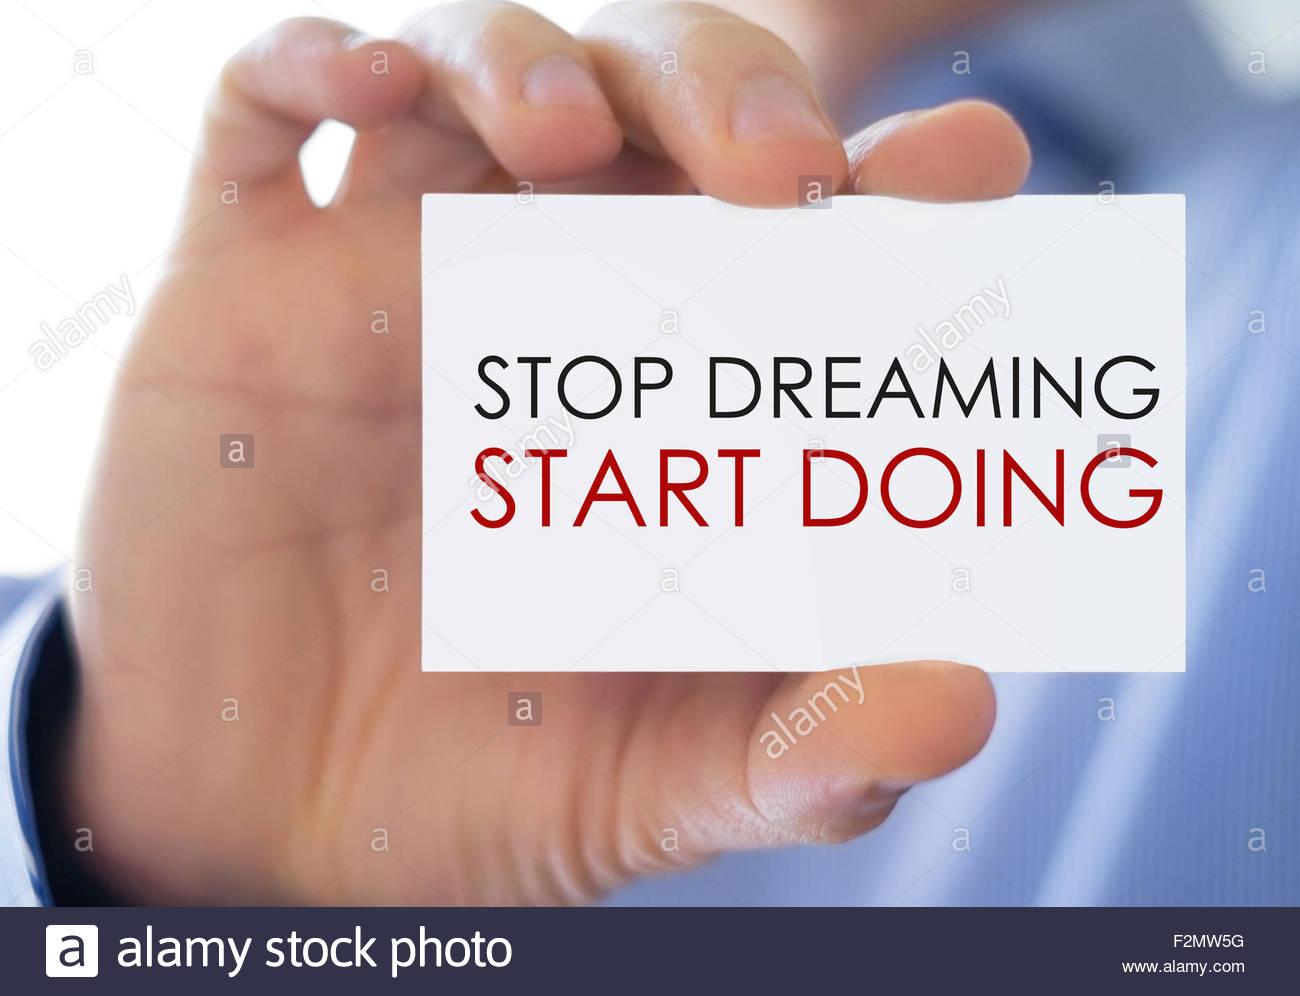 stop dreaming - start doing - Stock Image